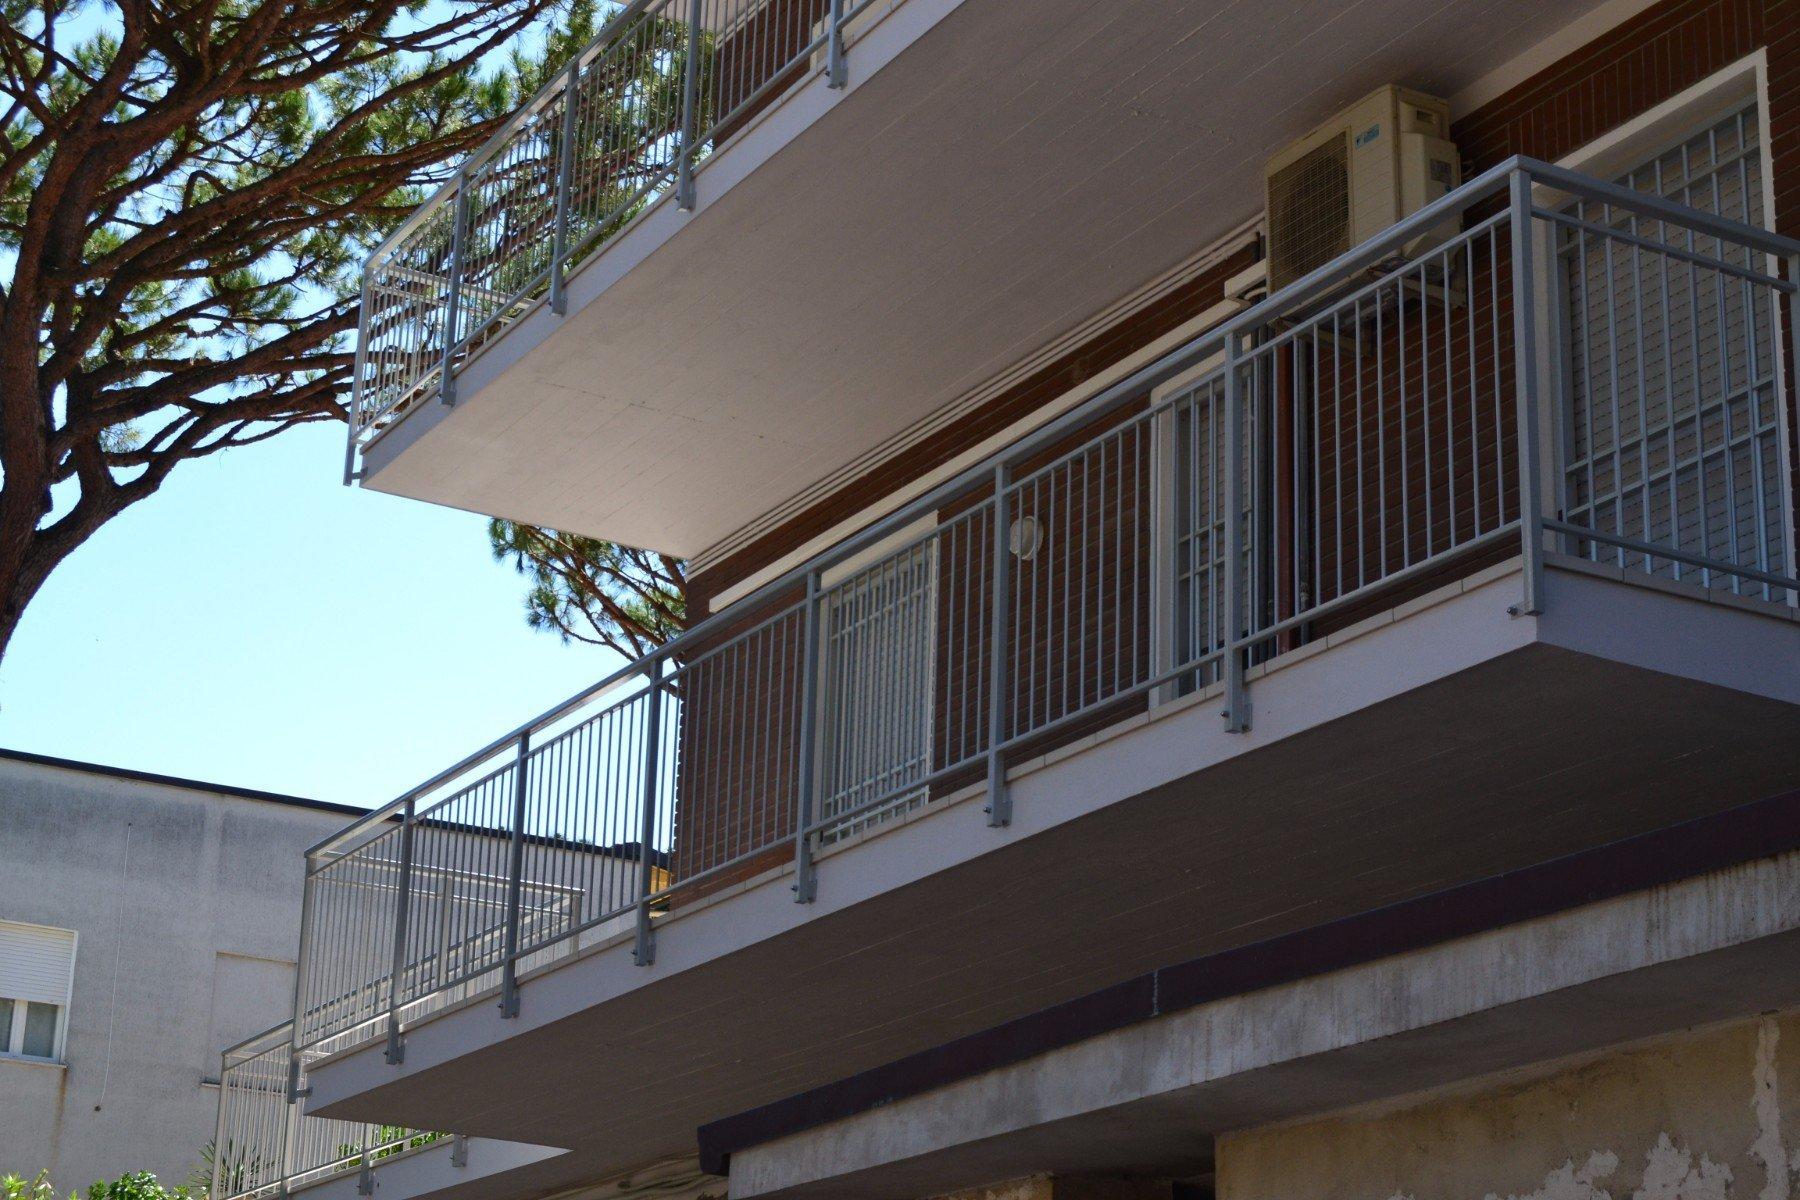 un balcone con una ringhiera in ferro battuto nera